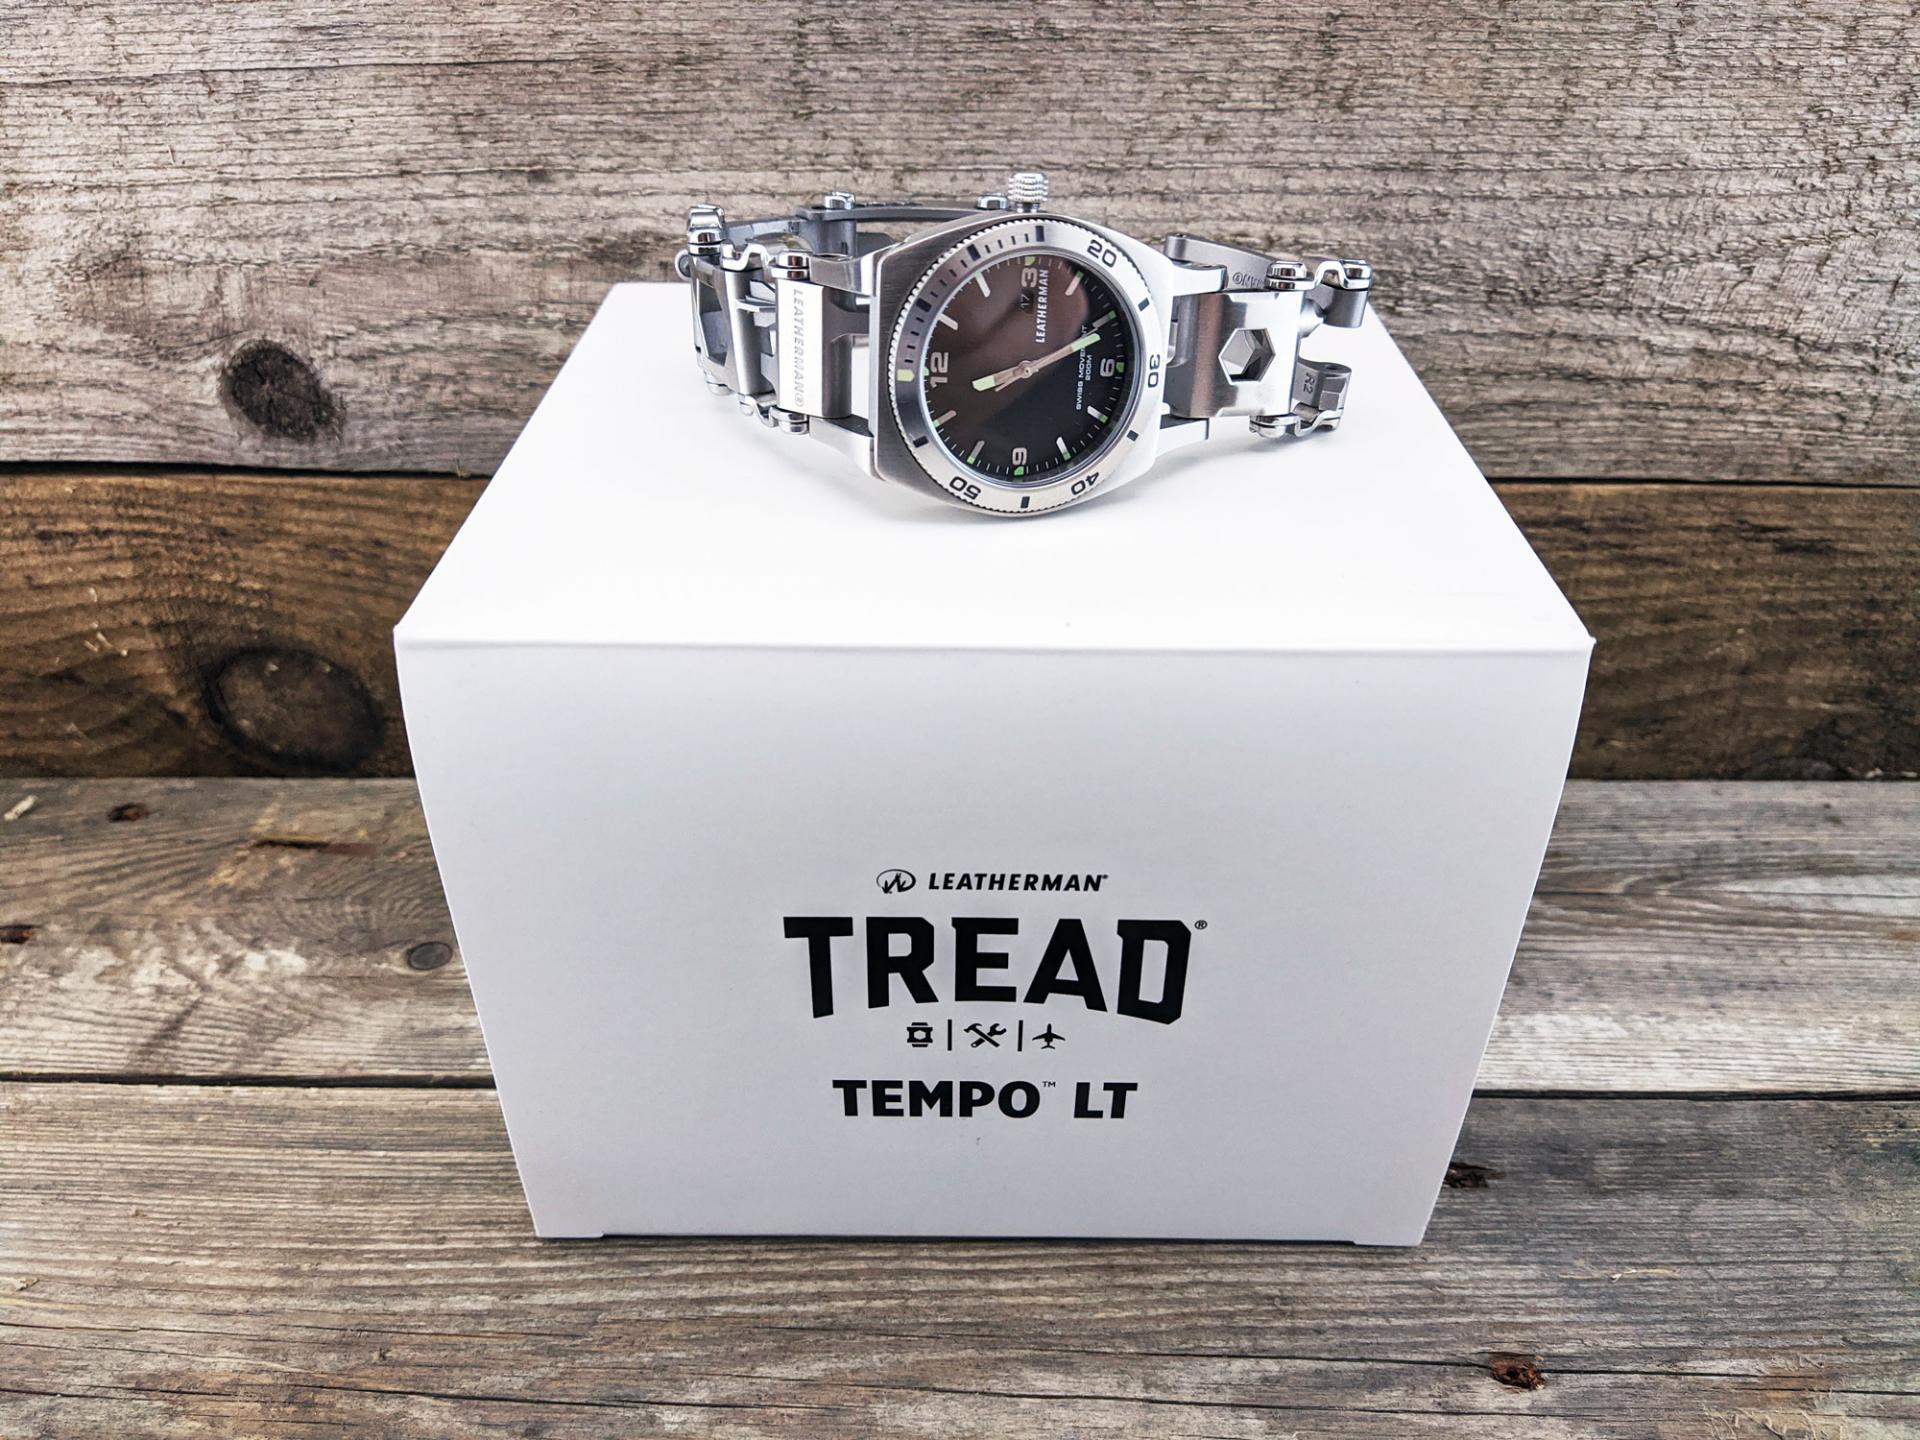 Обзор мультитула-часов Leatherman Tread Tempo LT